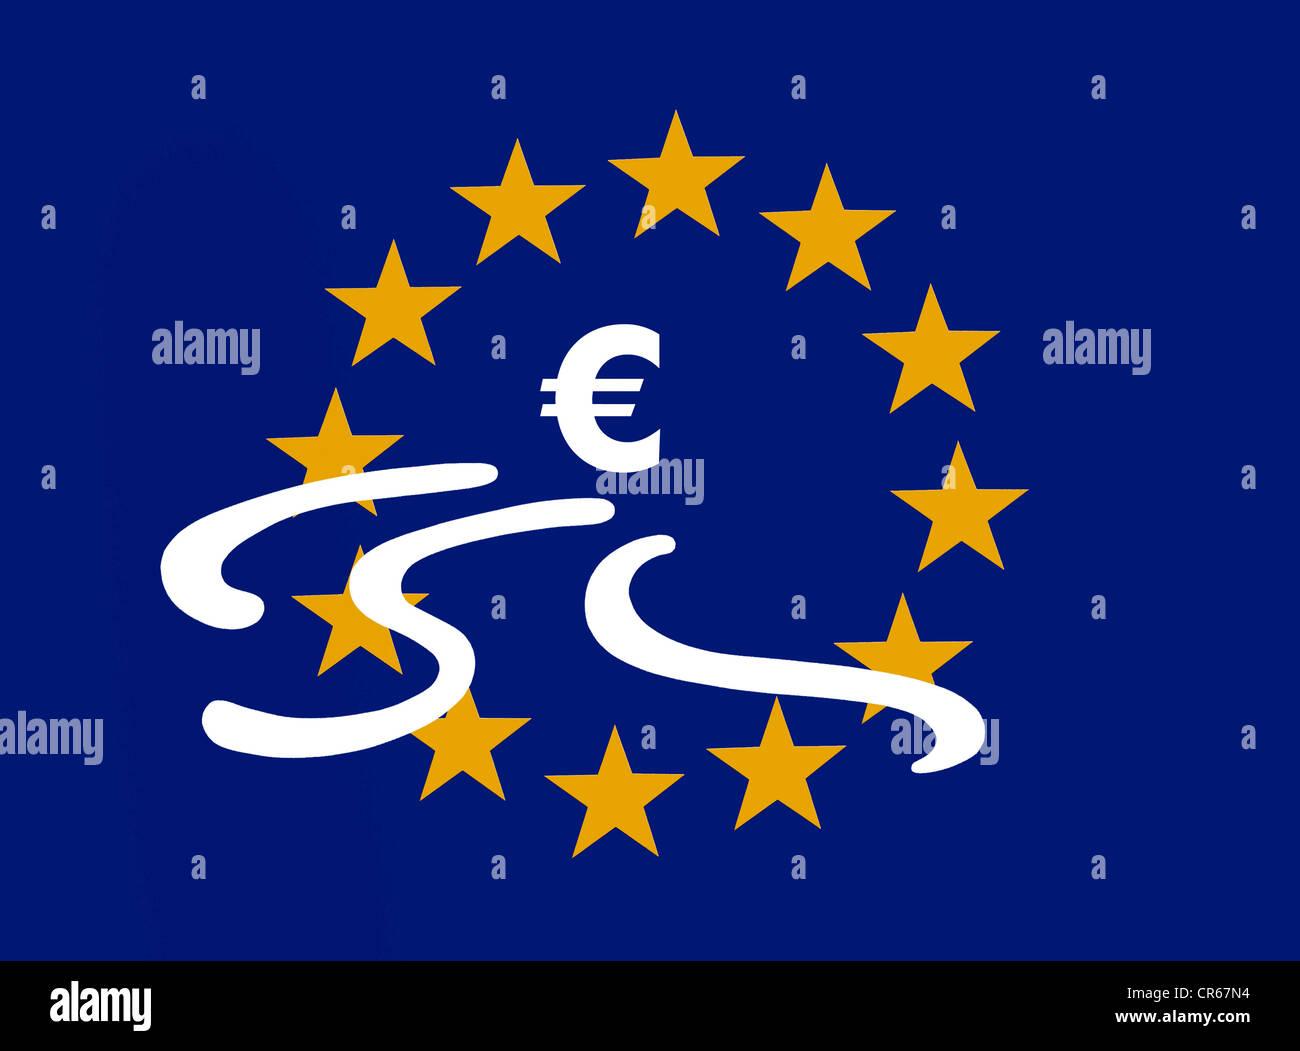 Euro-Symbol mit Bremsspuren in den 12 Sternen der Europäischen Union, symbolisches Bild der Krise innerhalb Stockbild